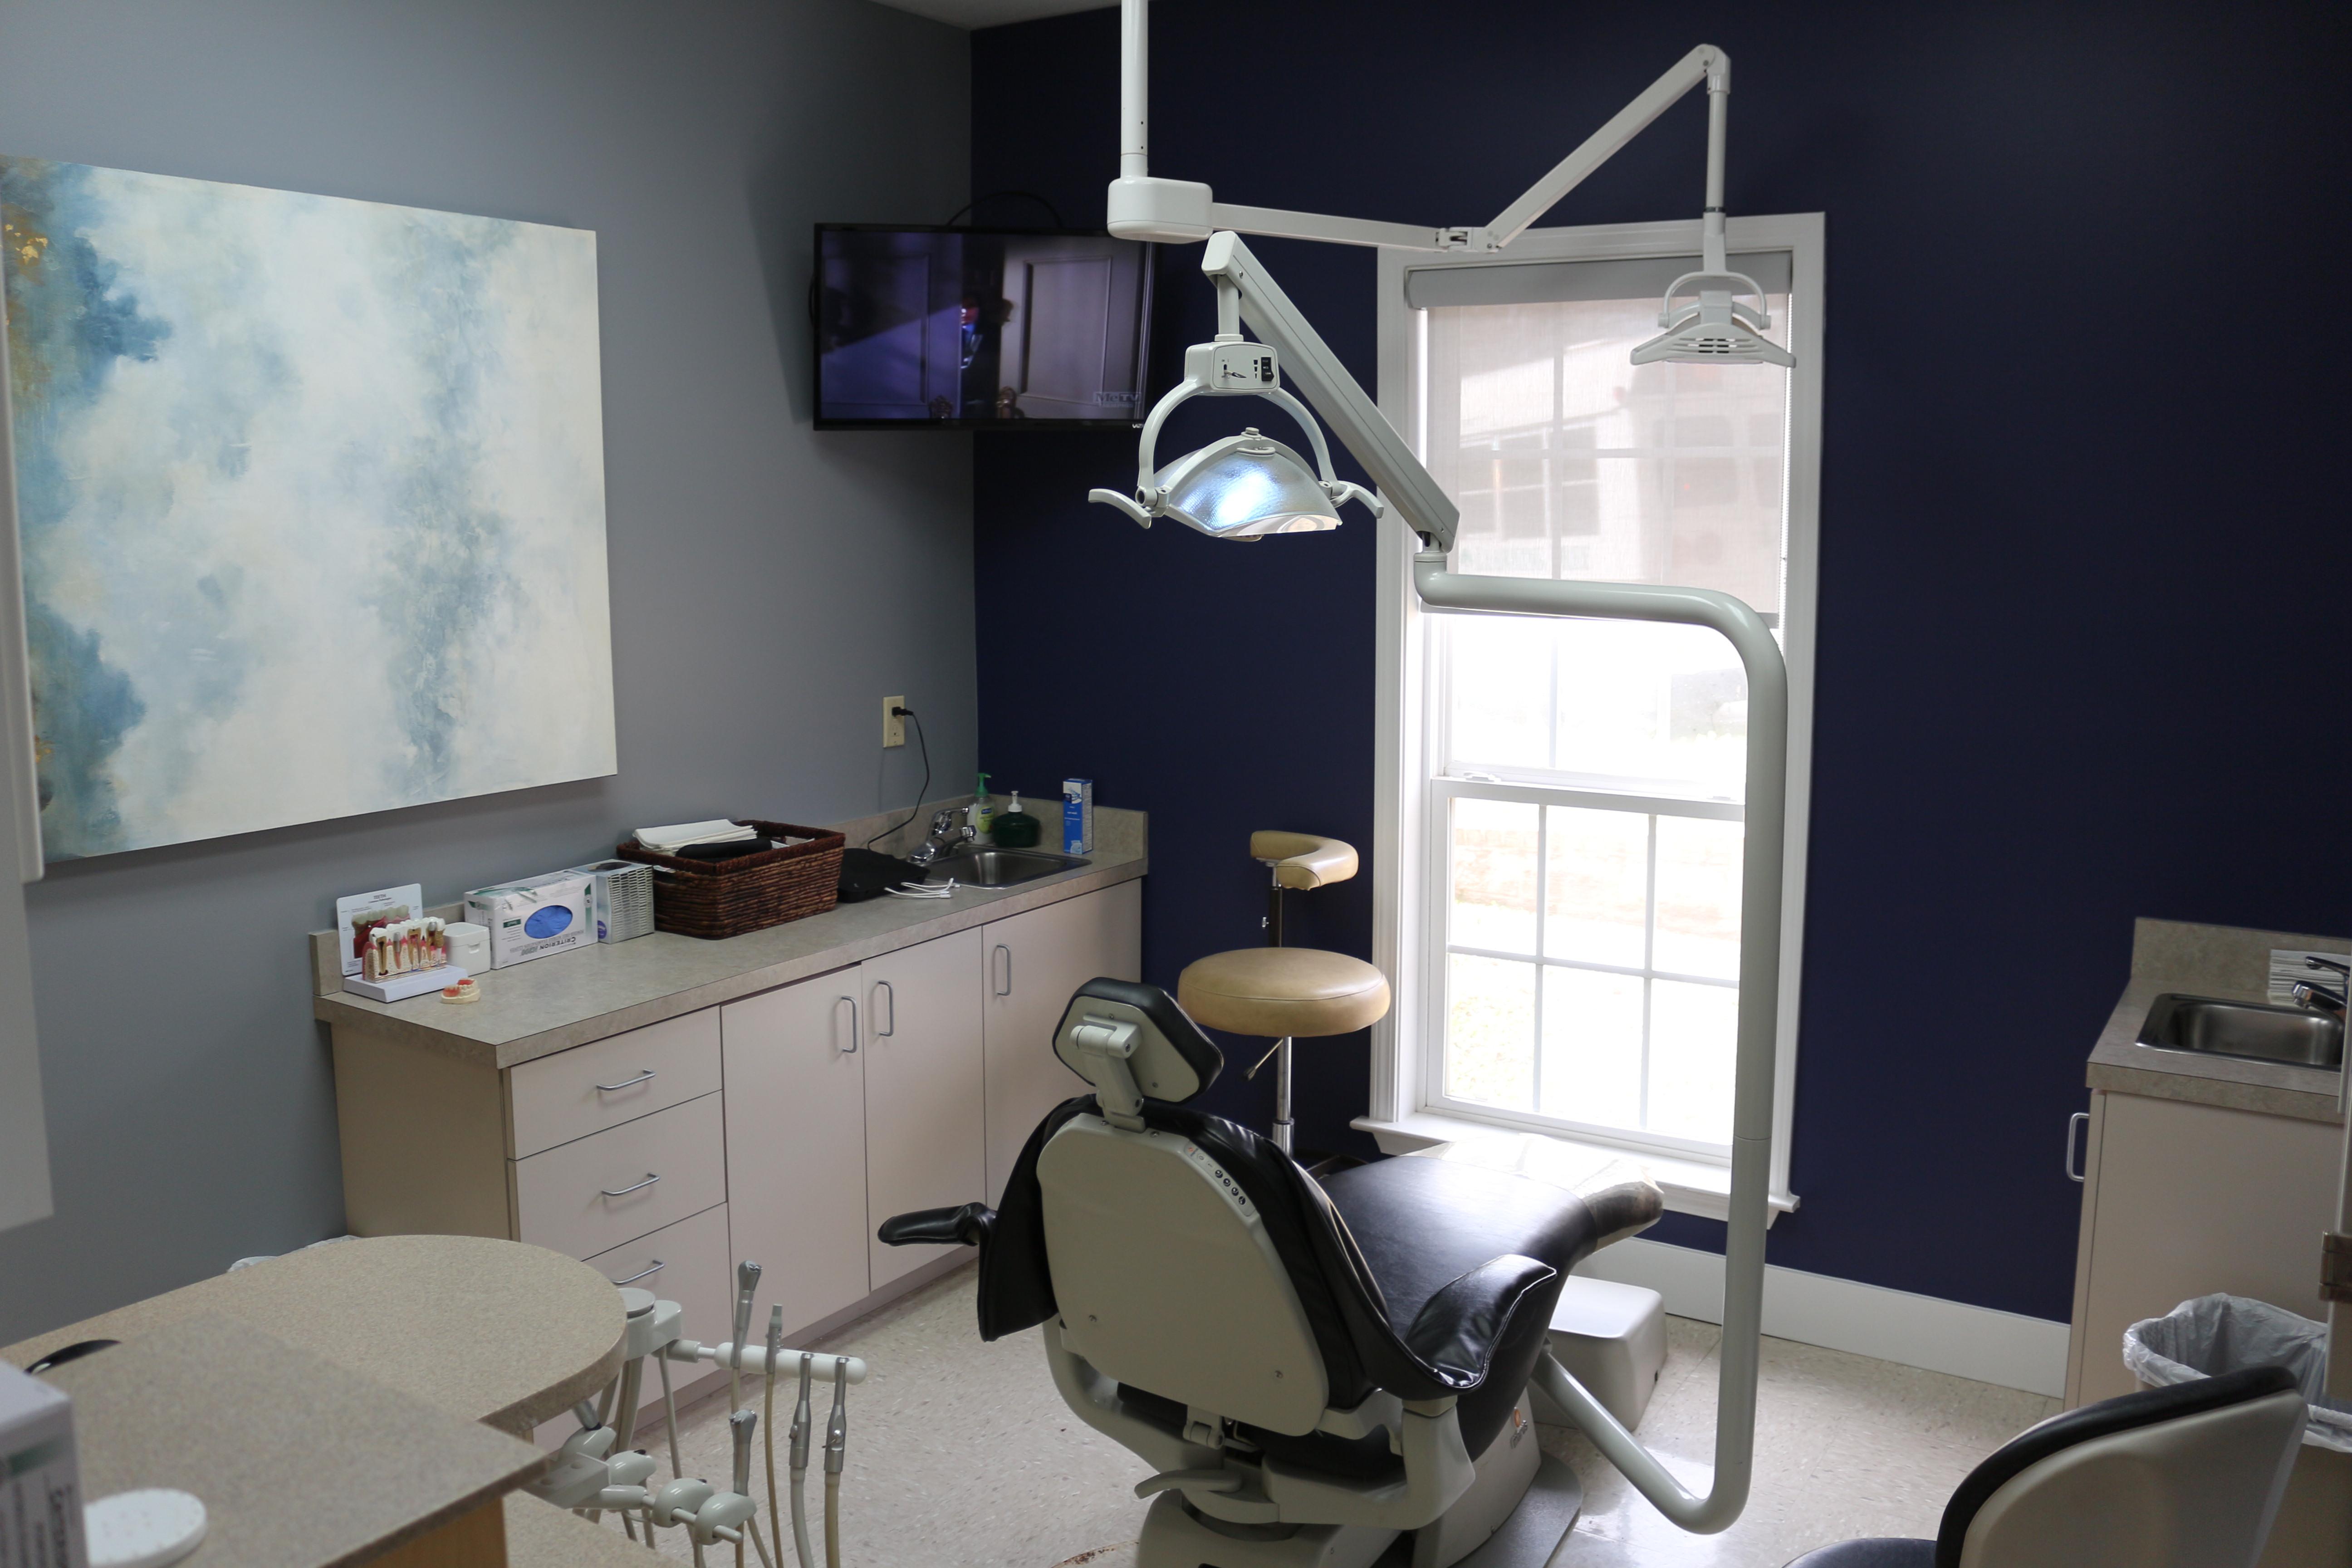 family dental clinic bartlett tn for dentures dental implants